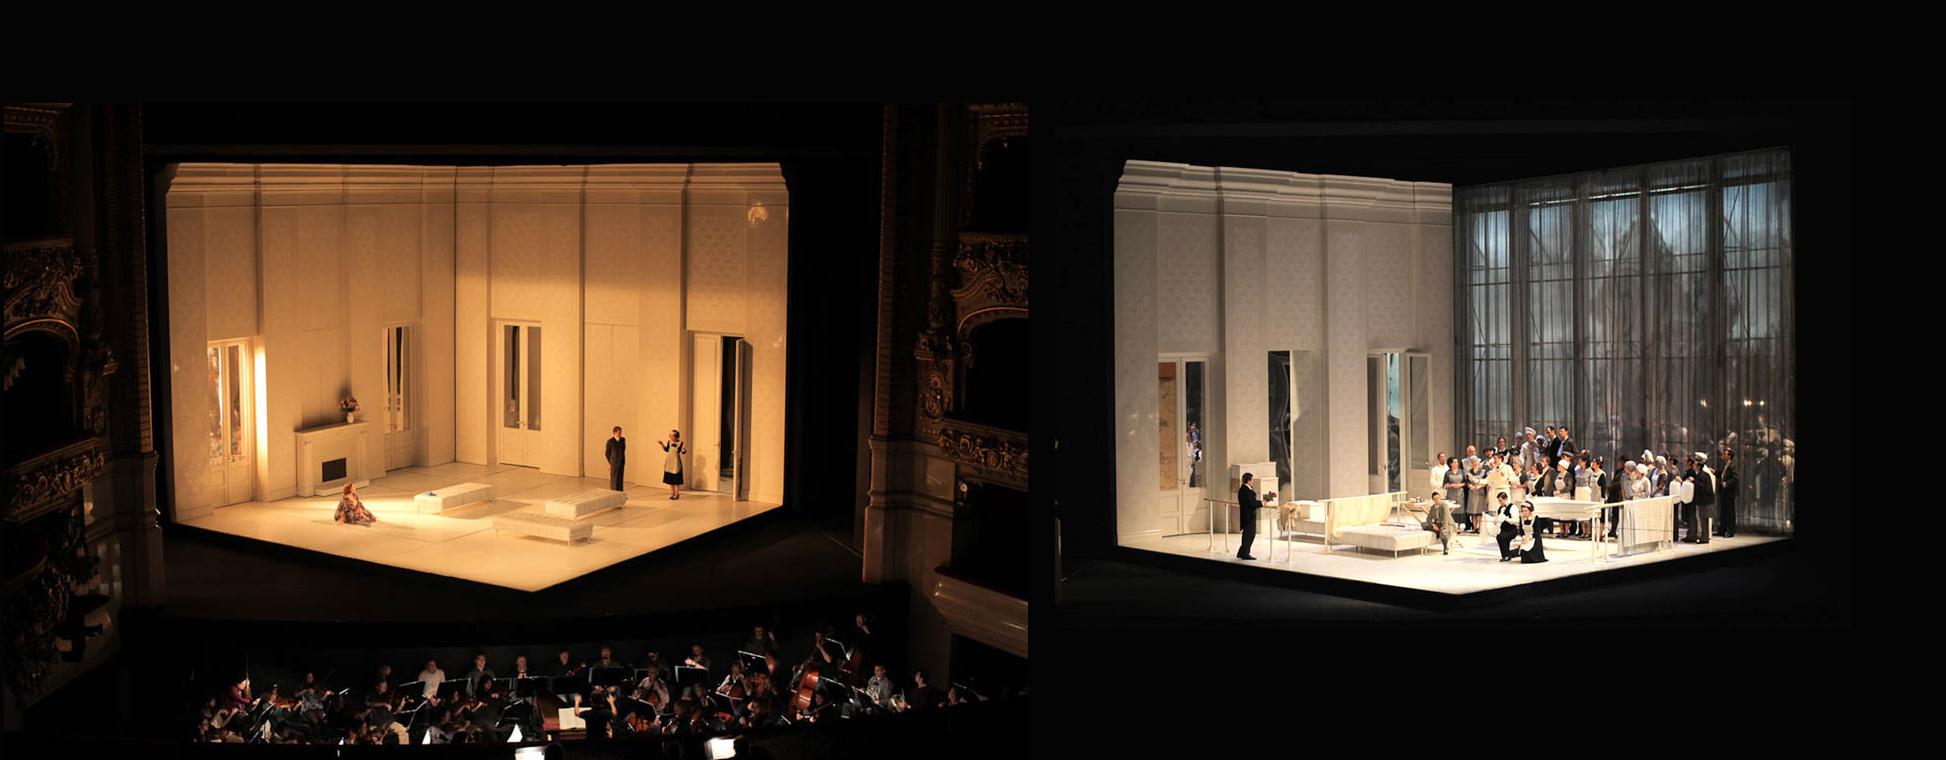 Mediodía del Acto 2 y Tarde del Acto 3. Fotos: Paco Azorín